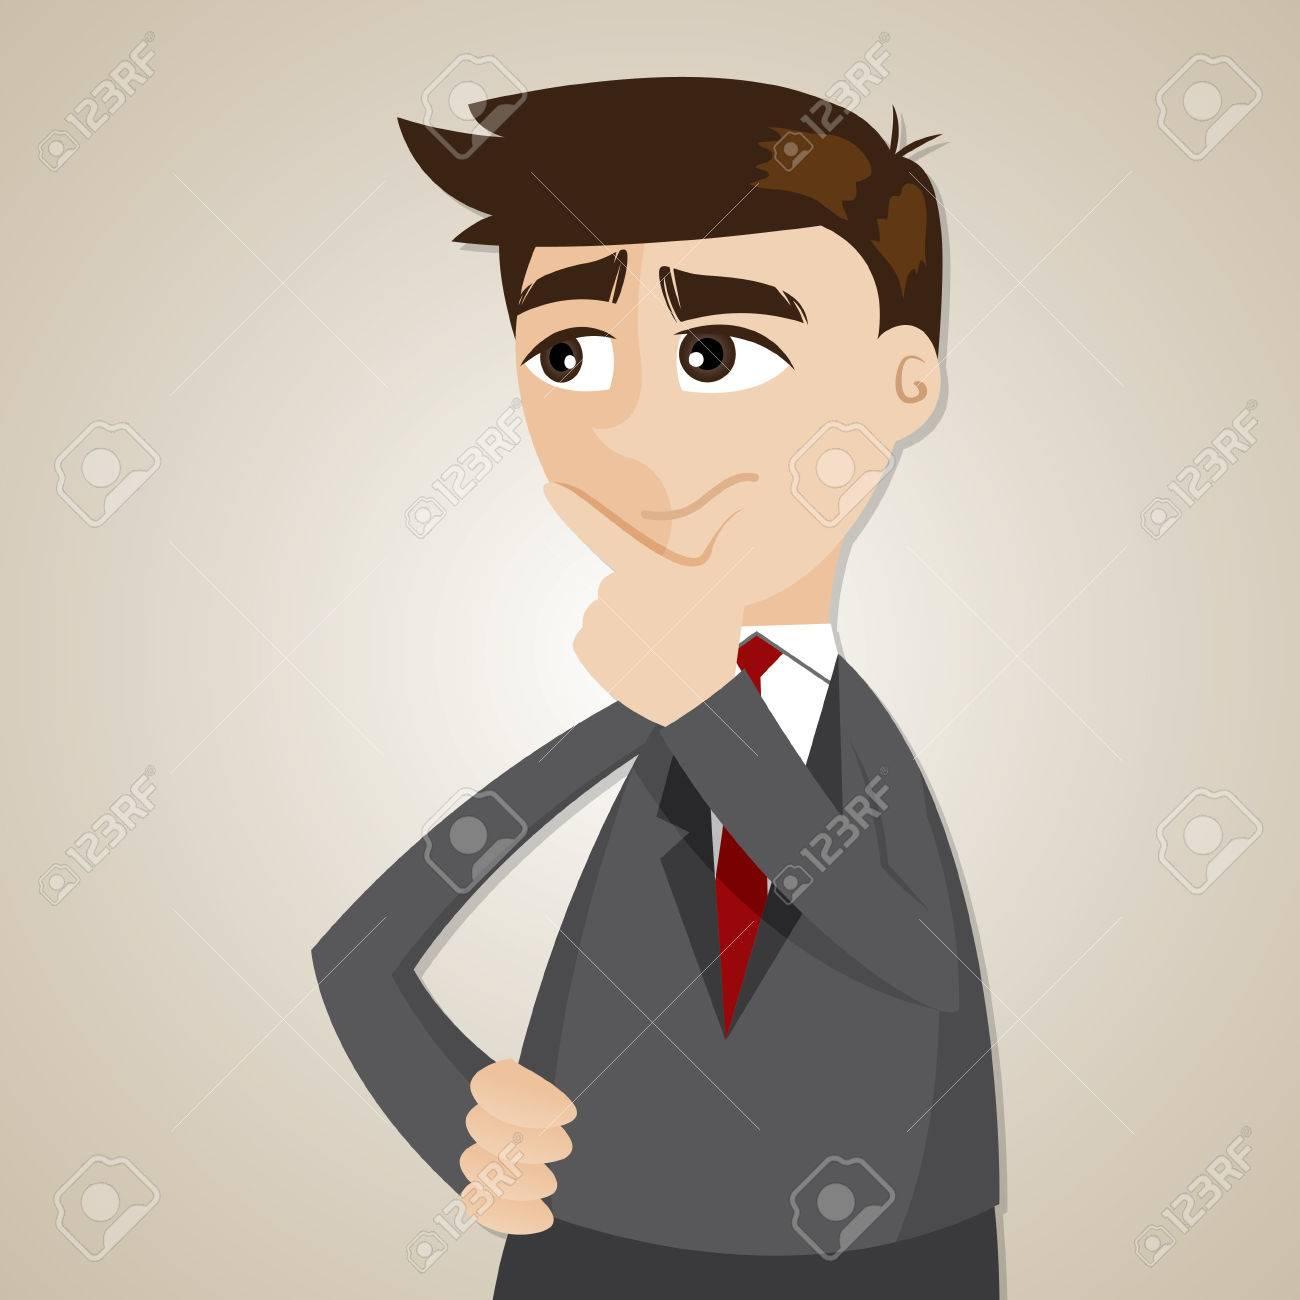 Ilustración De Dibujos Animados Hombre De Negocios Pensando En El